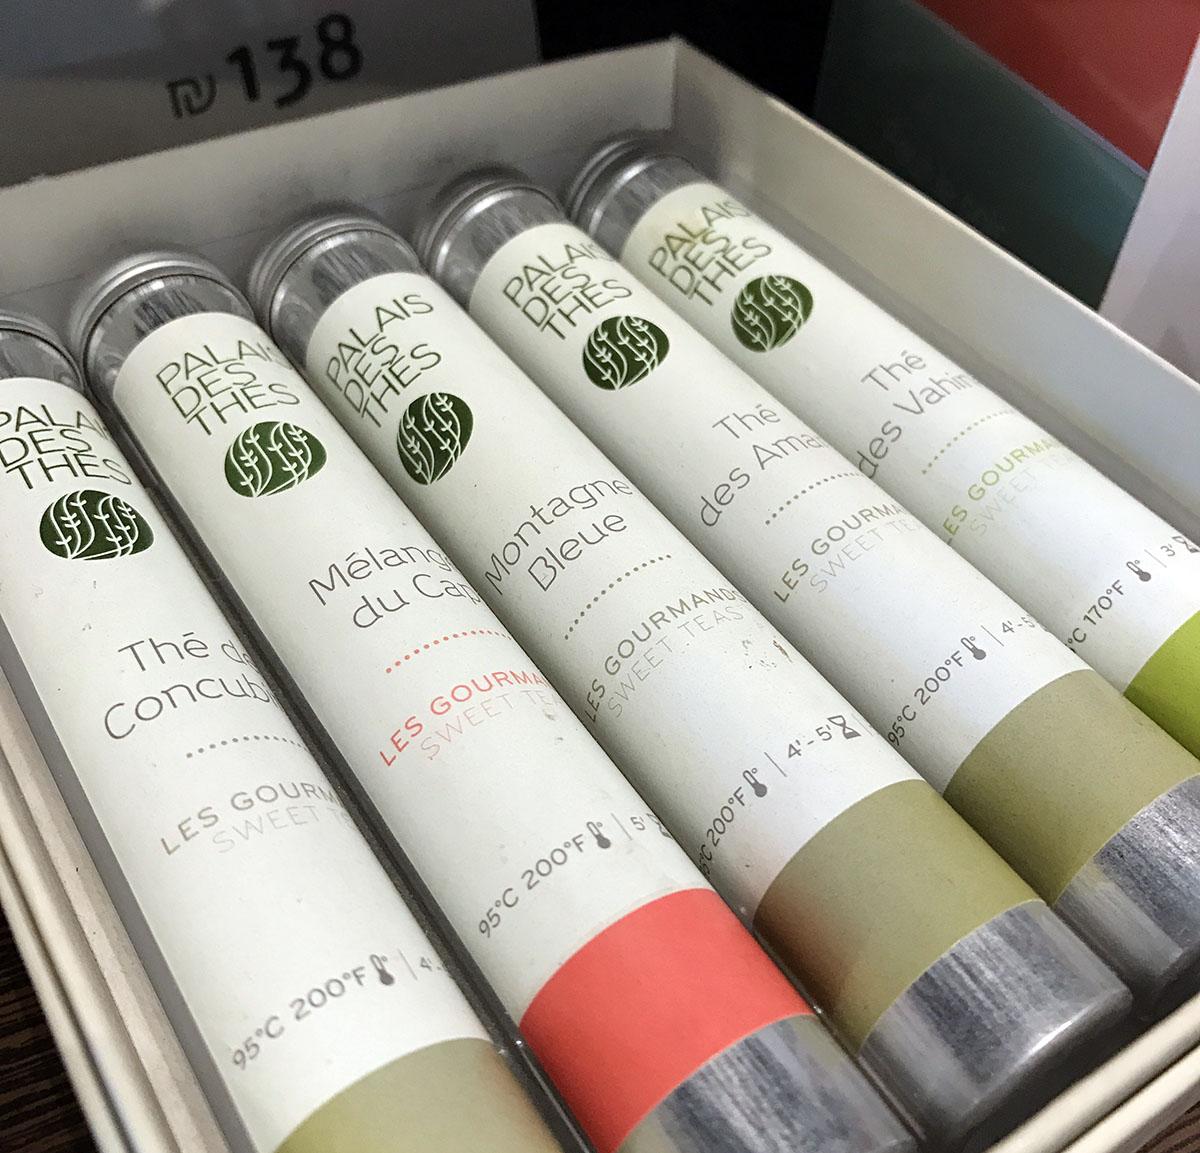 Пять колбочек с чаем обойдутся в 138 шекелей (1035 гривен).